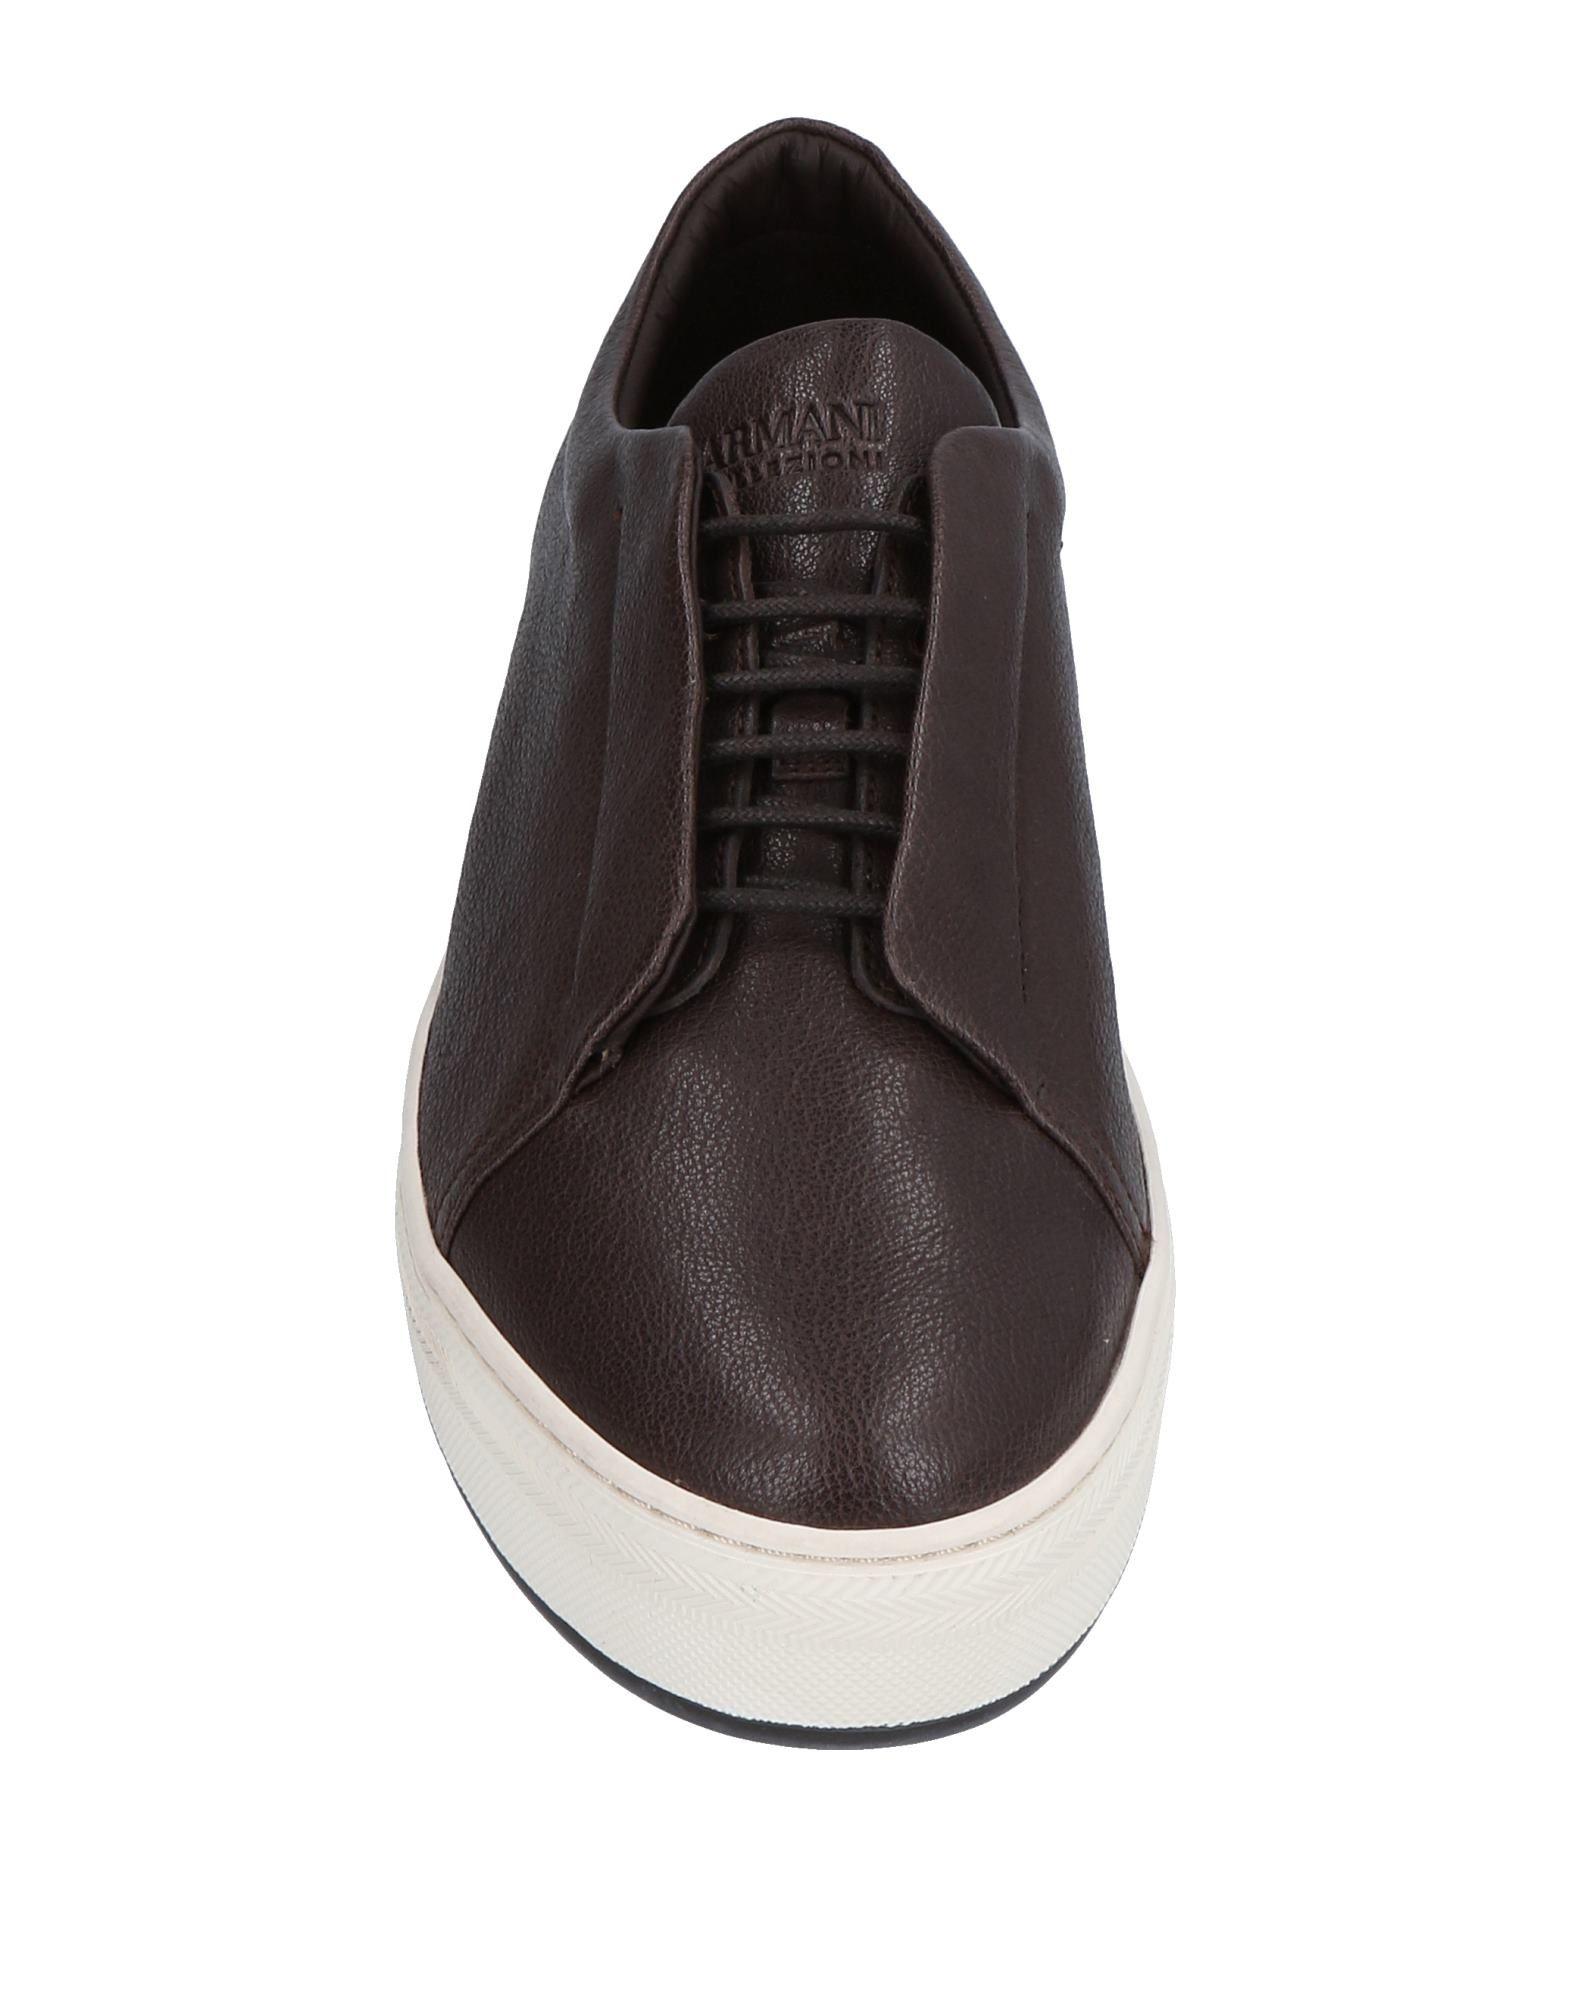 Armani Collezioni Sneakers Herren  11519546DH Gute Qualität beliebte beliebte Qualität Schuhe 2f62f9